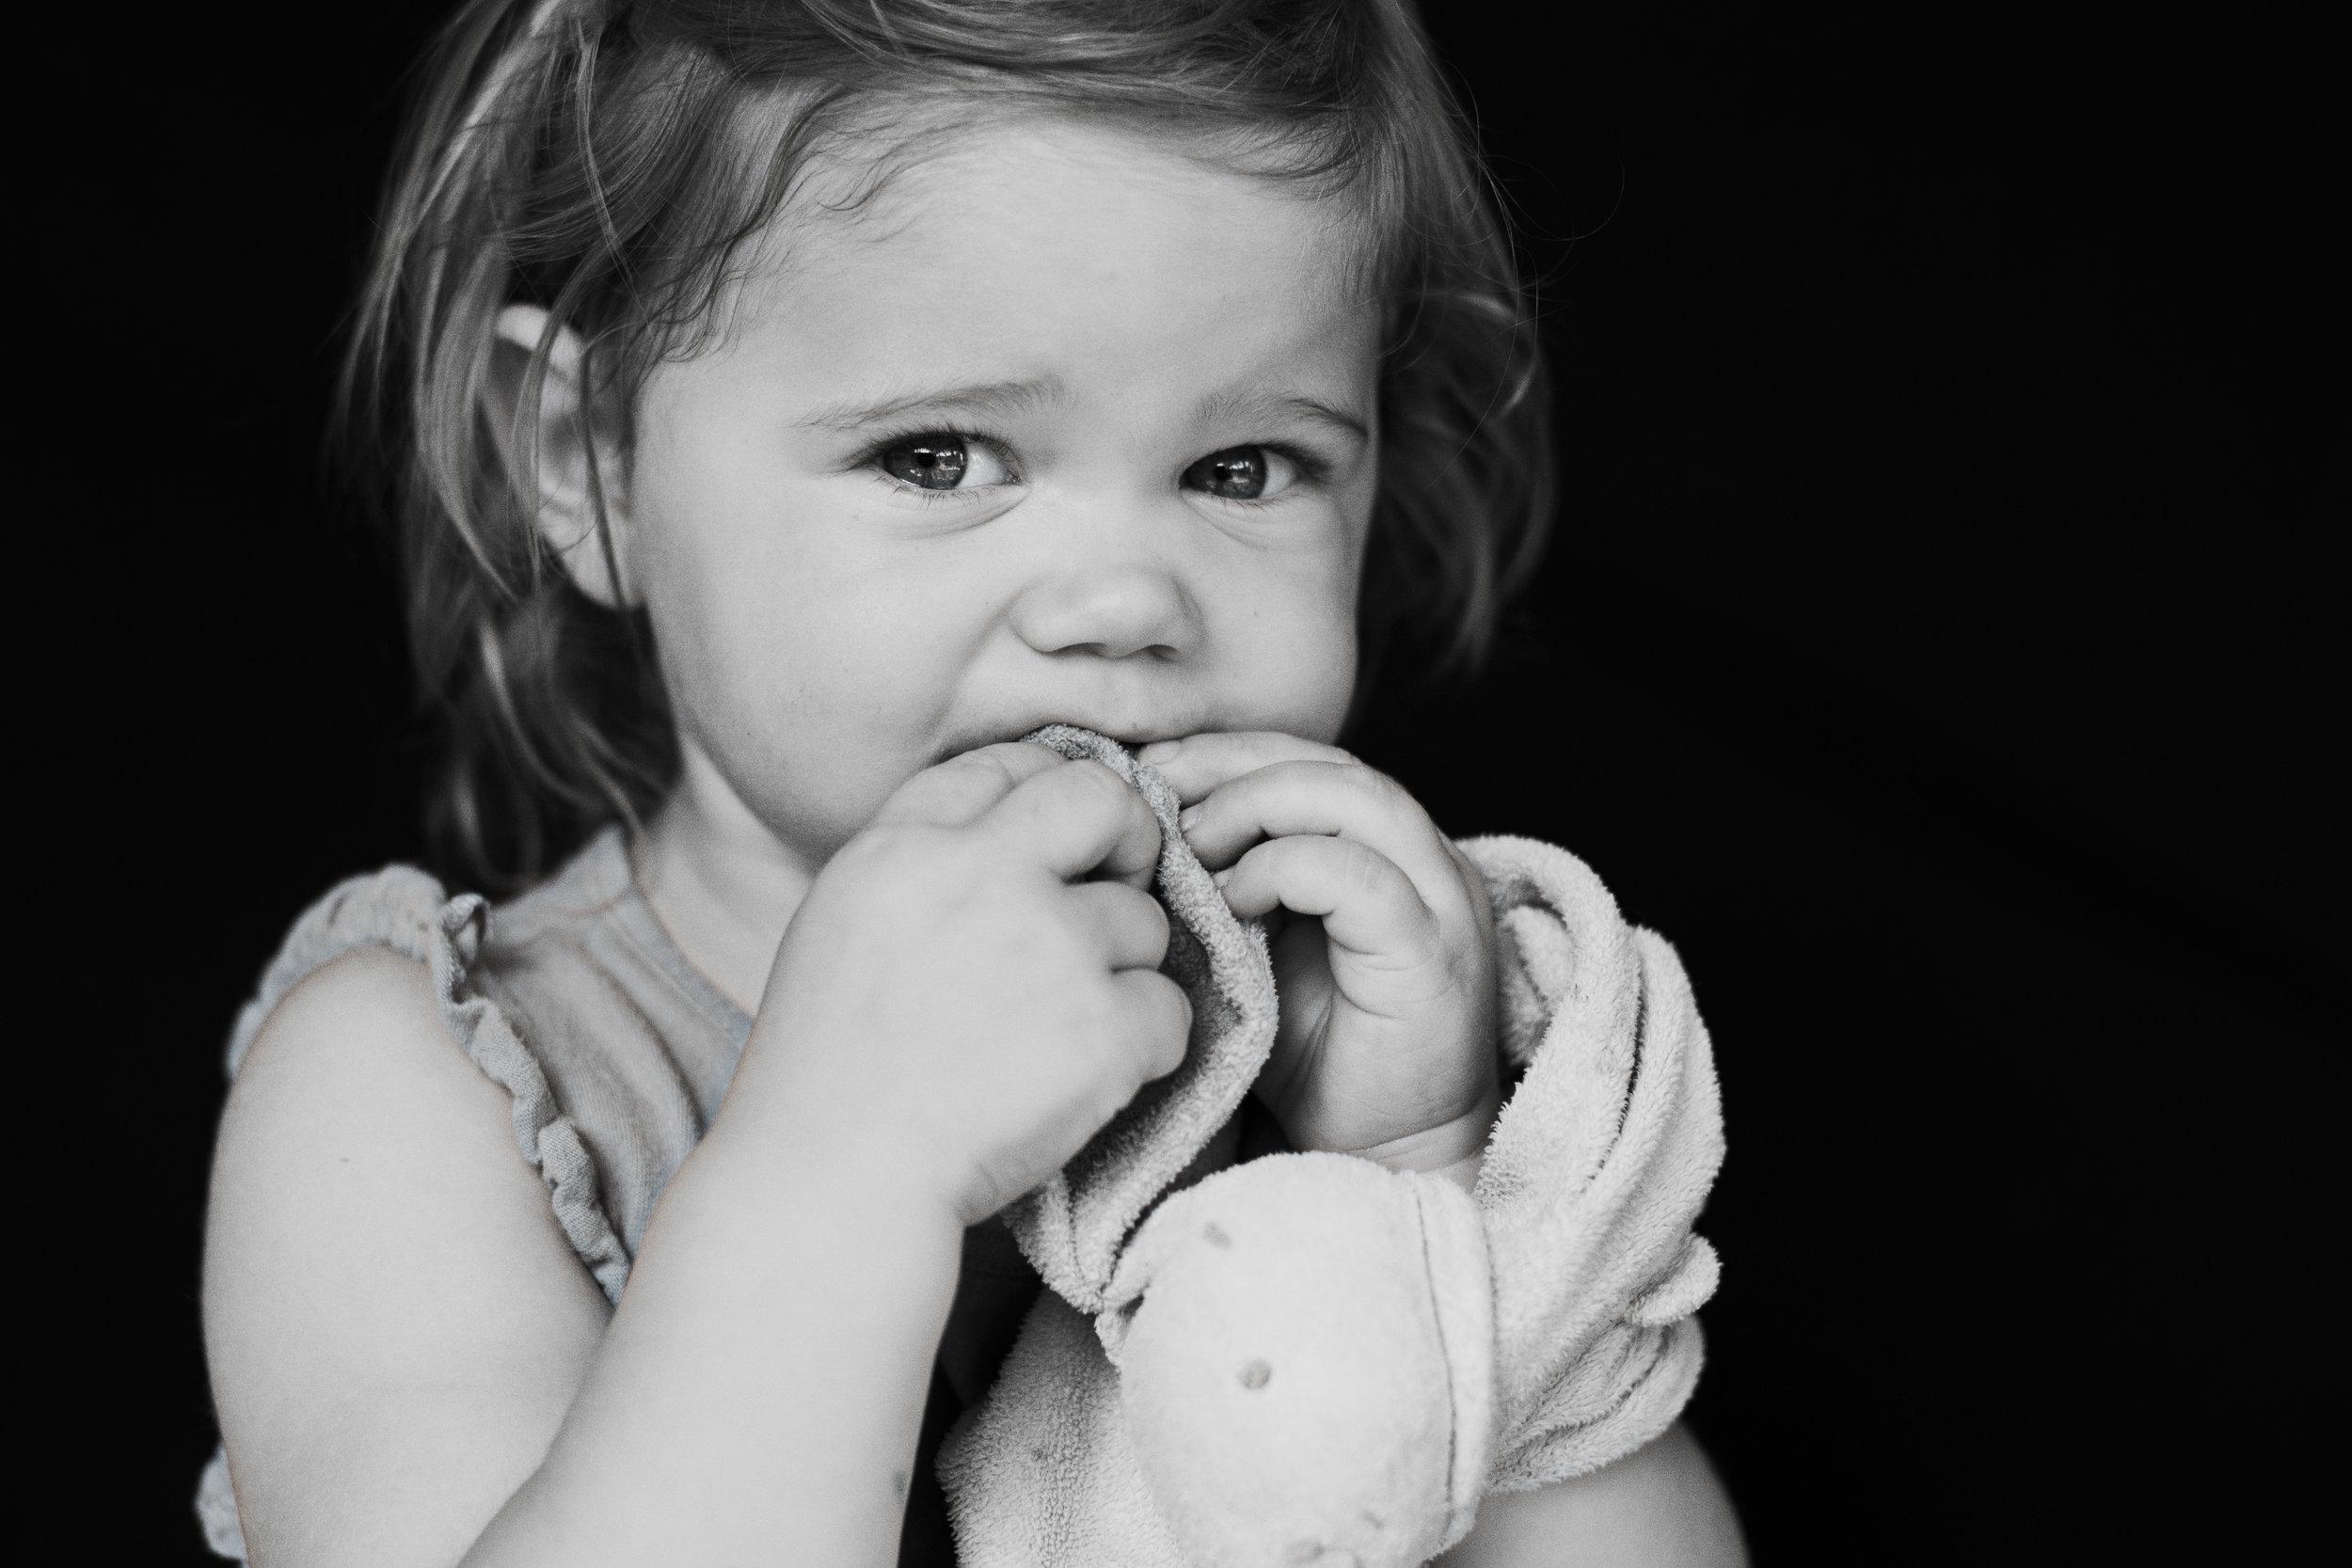 FA_Portraits_BW_Lucy_Paprocki-1.jpg